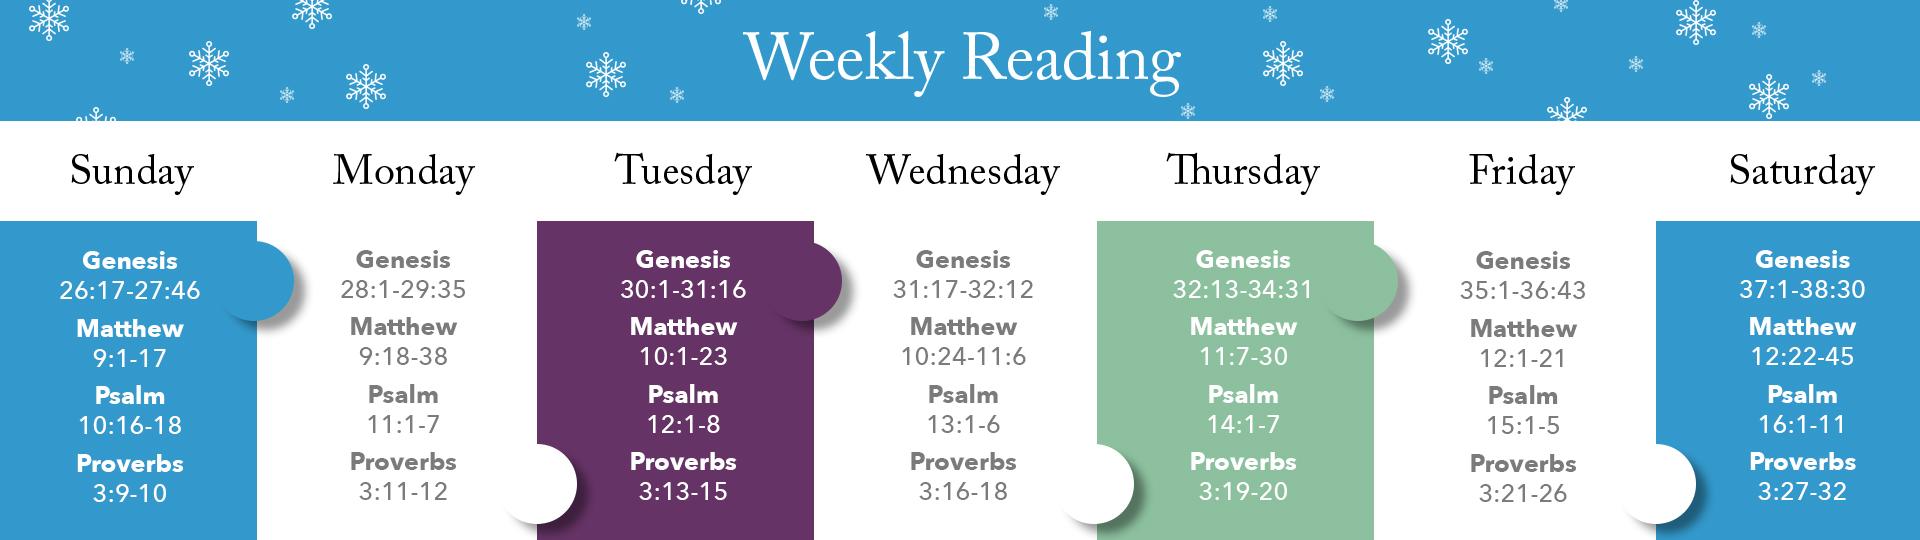 Weekly-Reading-Winter-Look0112